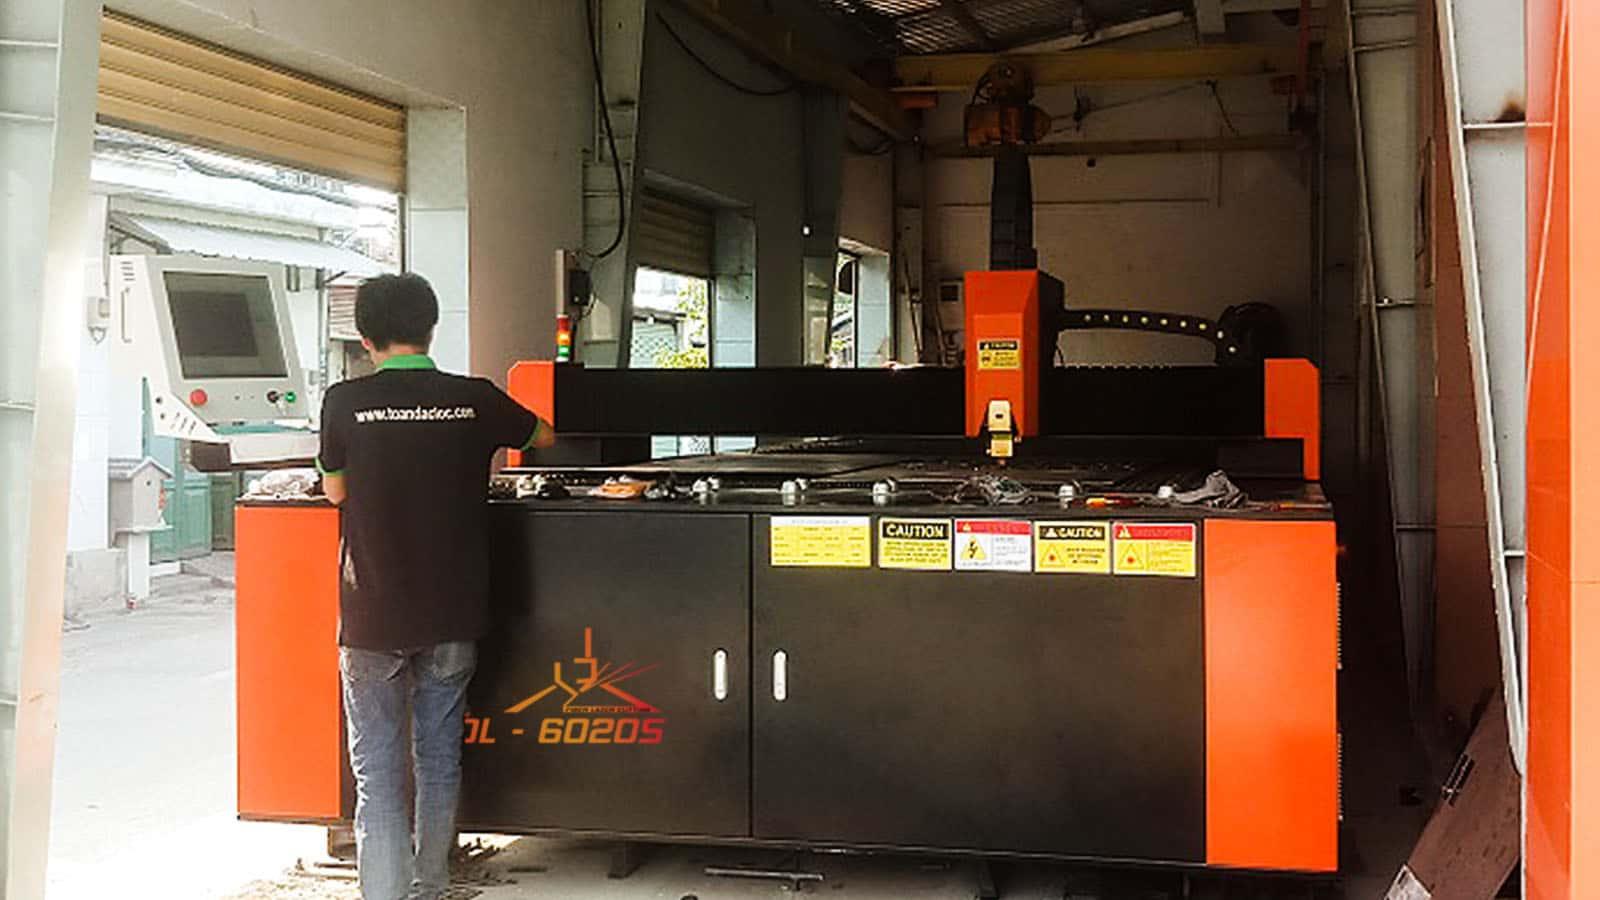 Bàn giao máy cắt laser tại Công ty Hiền Vinh - Máy 1